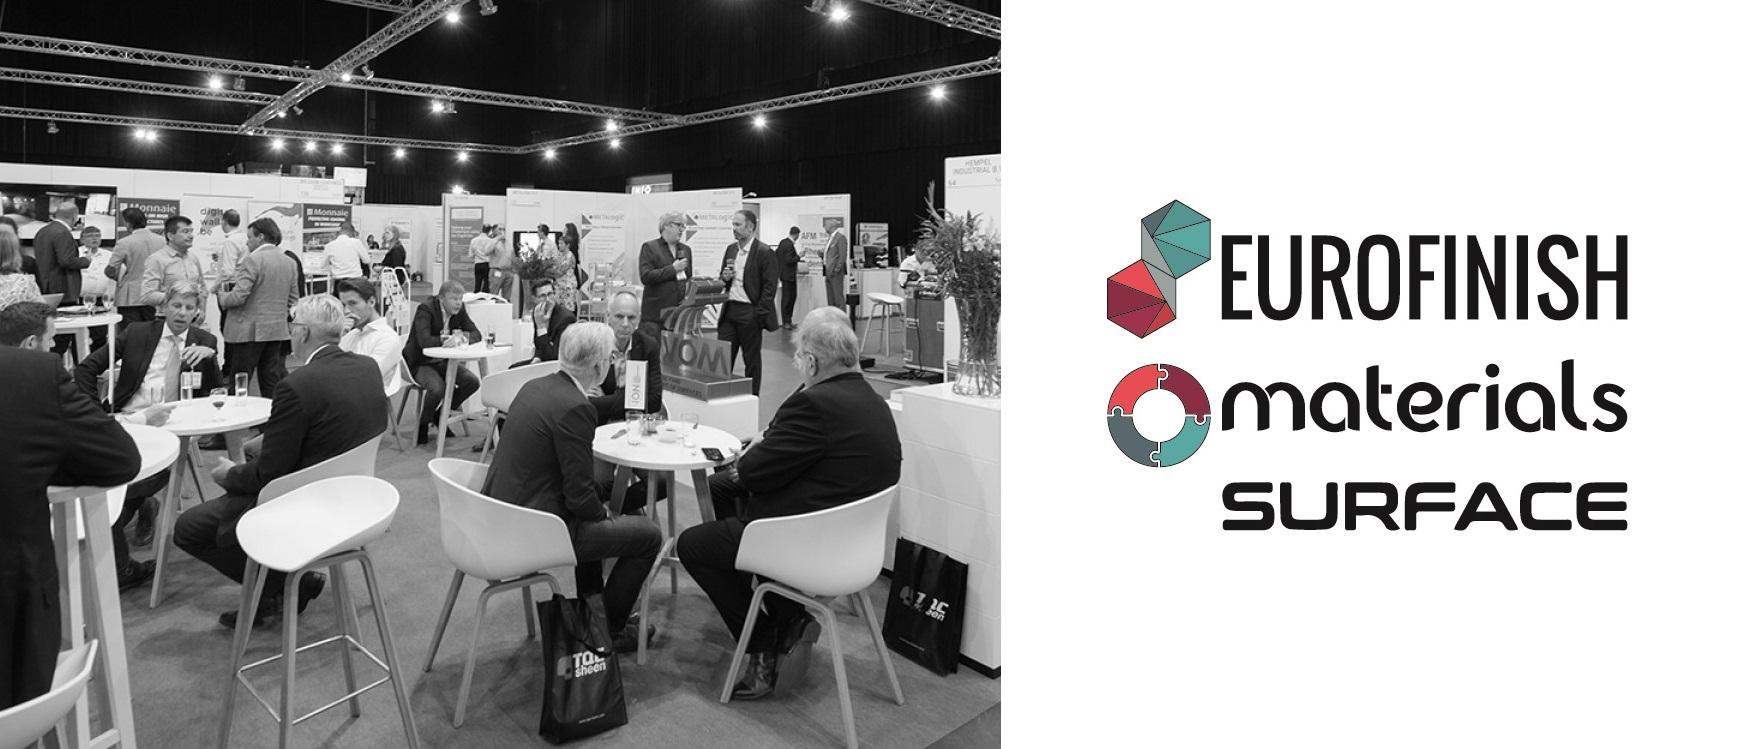 Header image for Luximprint blogpost about Materials Eurofinisch Surfaces Den Bosch 2021